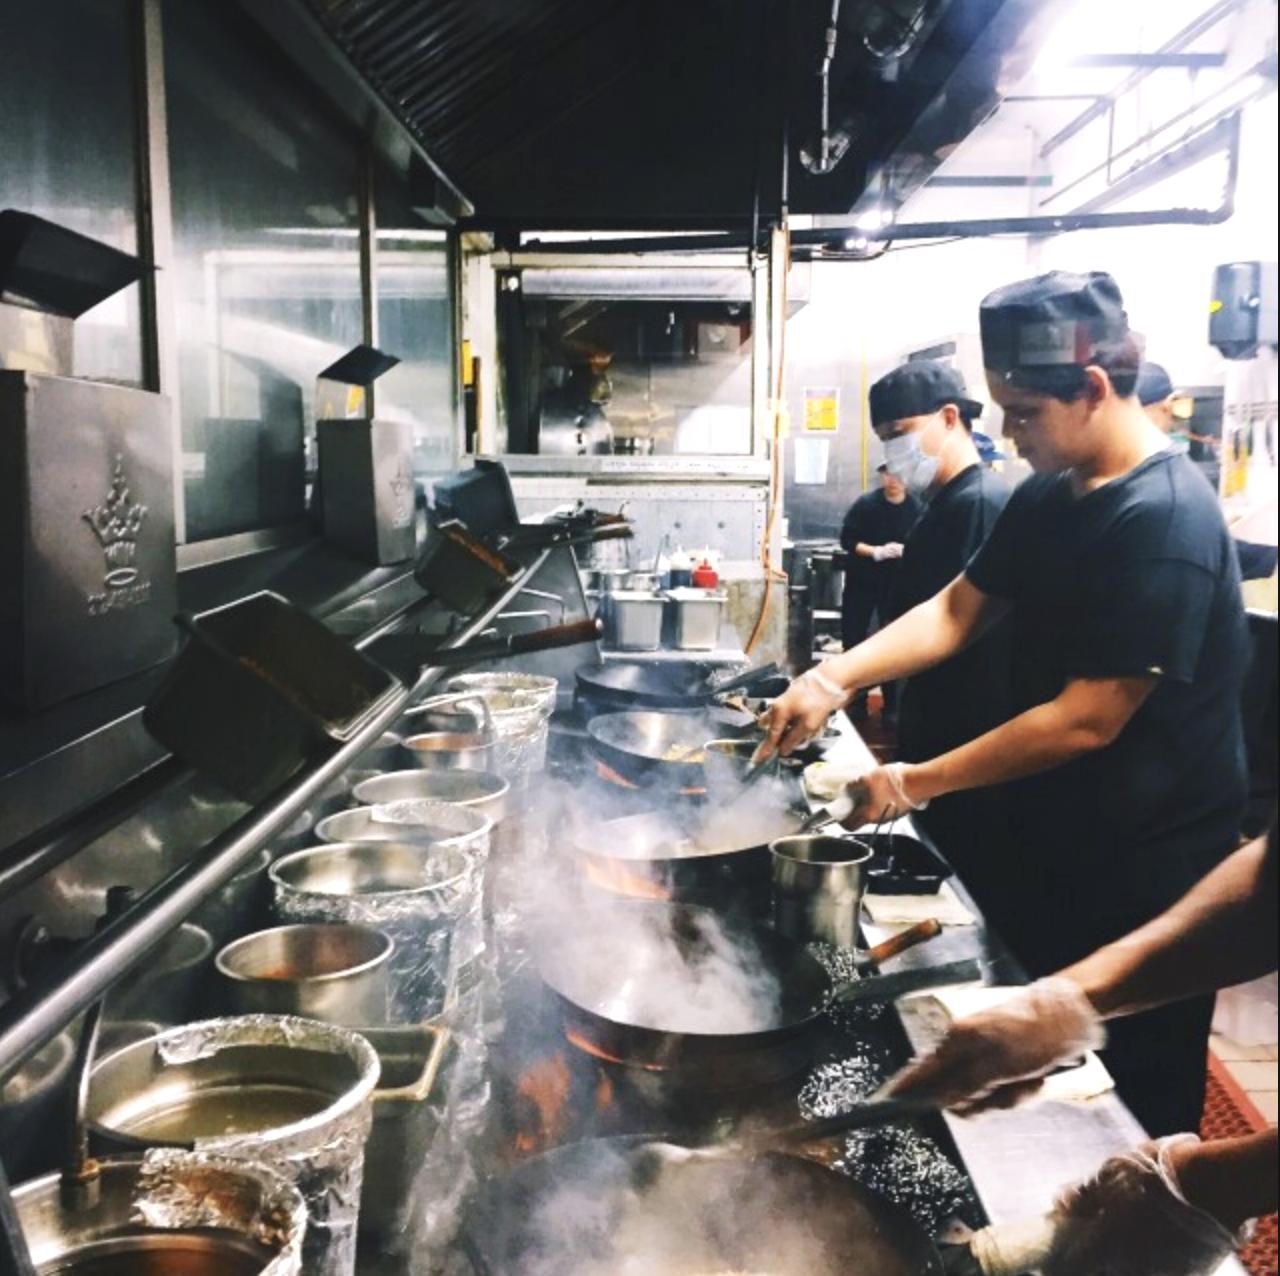 Trabajadores de Restaurantes en Nueva York Reciben Aumento al Sueldo Mínimo en 2019